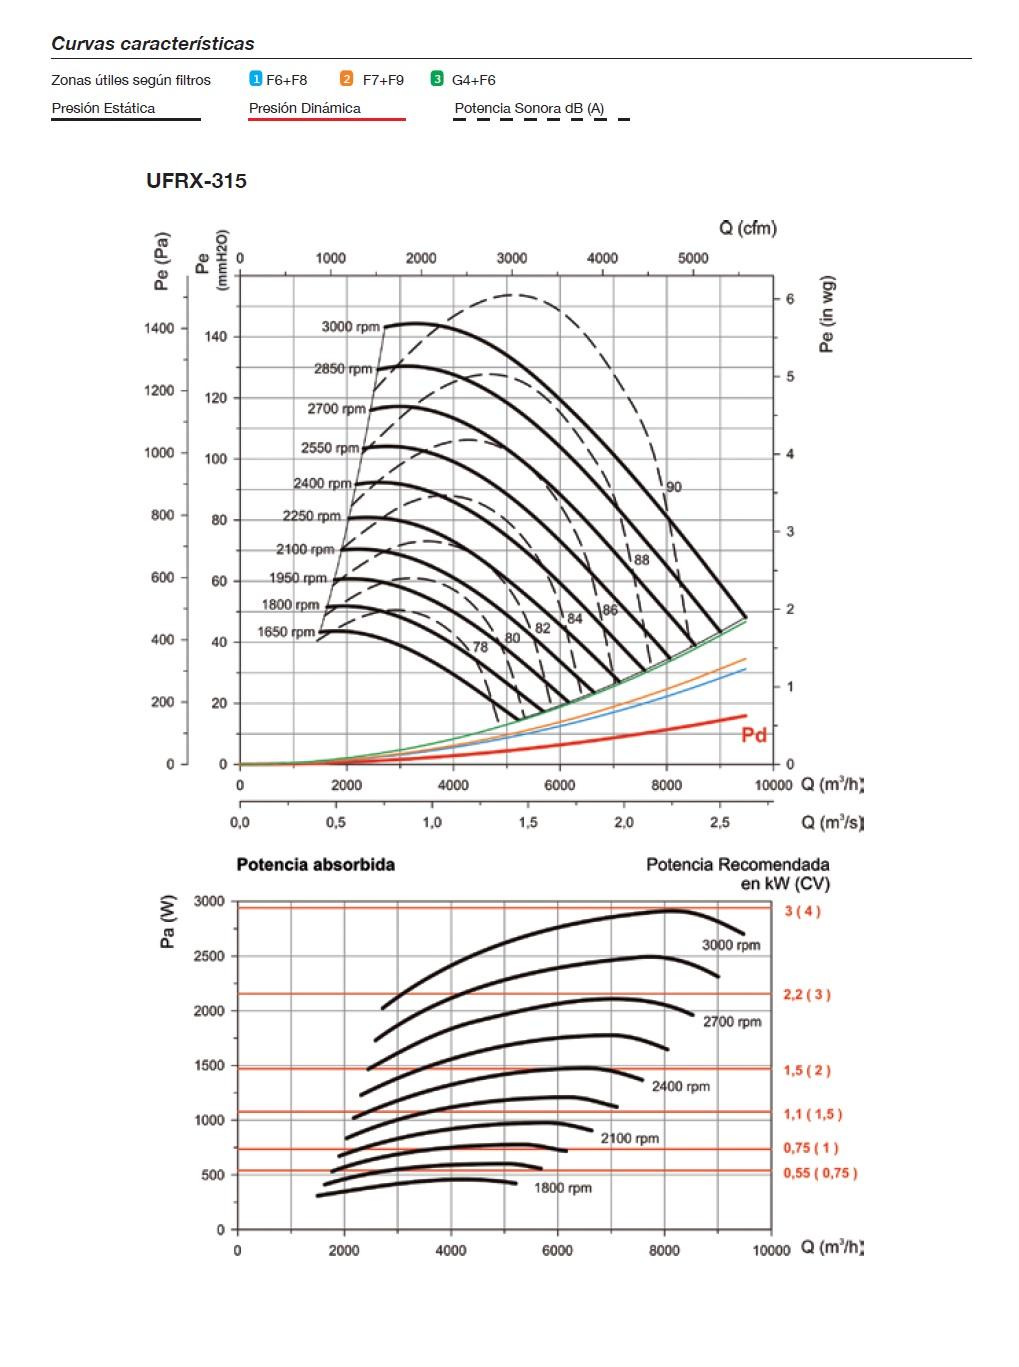 Curvas características Unidad de Filtración Sodeca UFRX